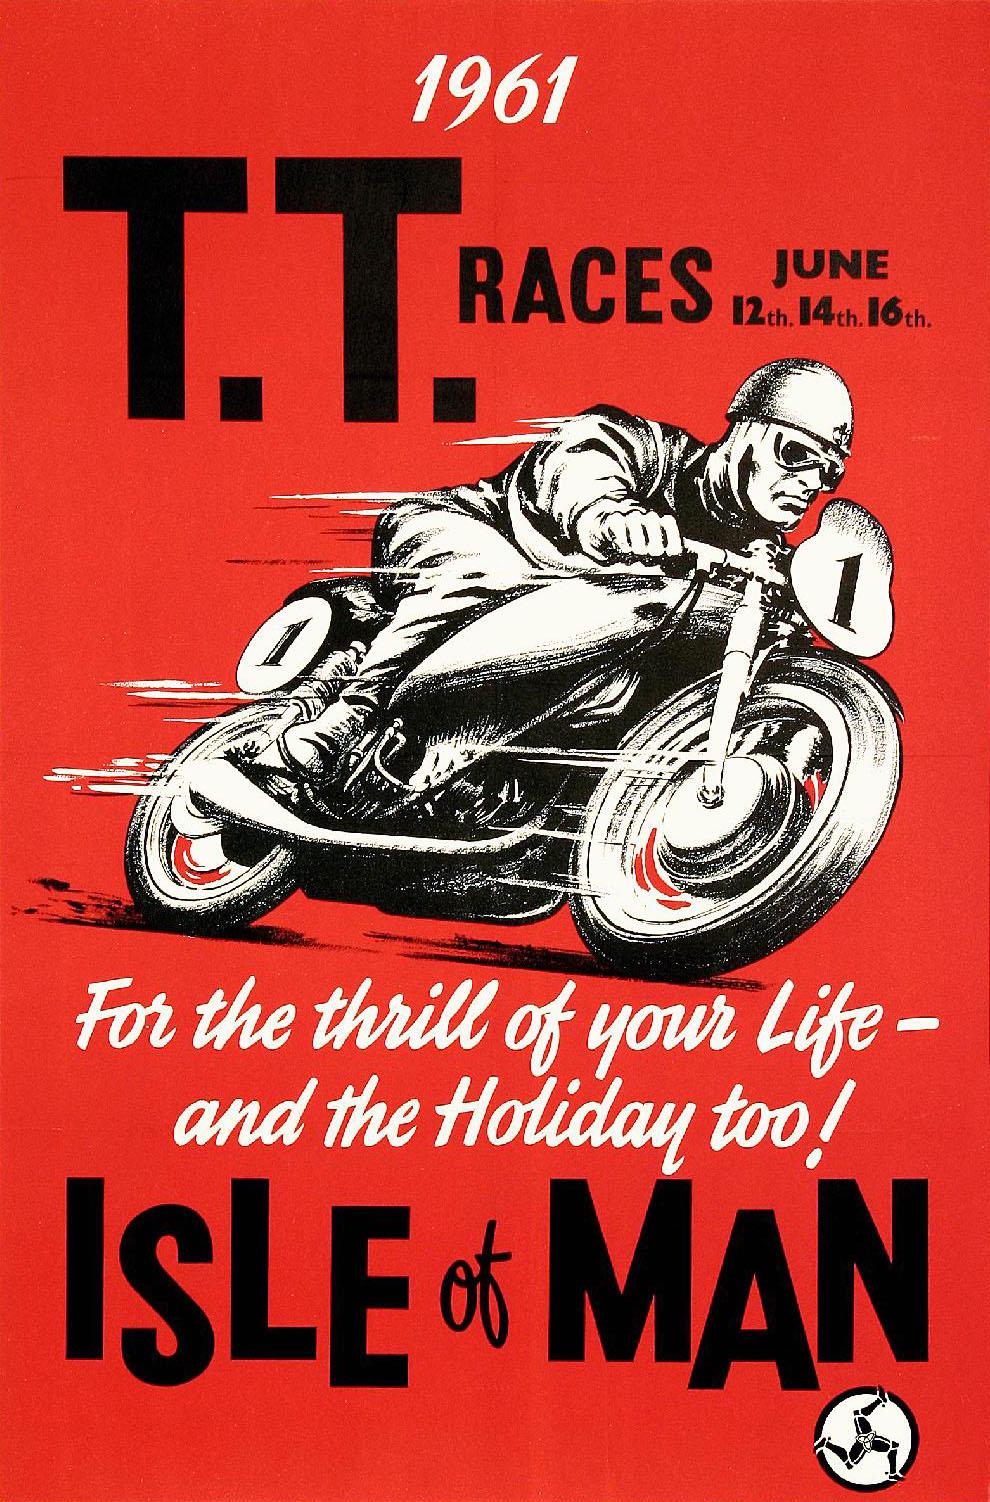 Vintage Motorcycle Racing Posters 79